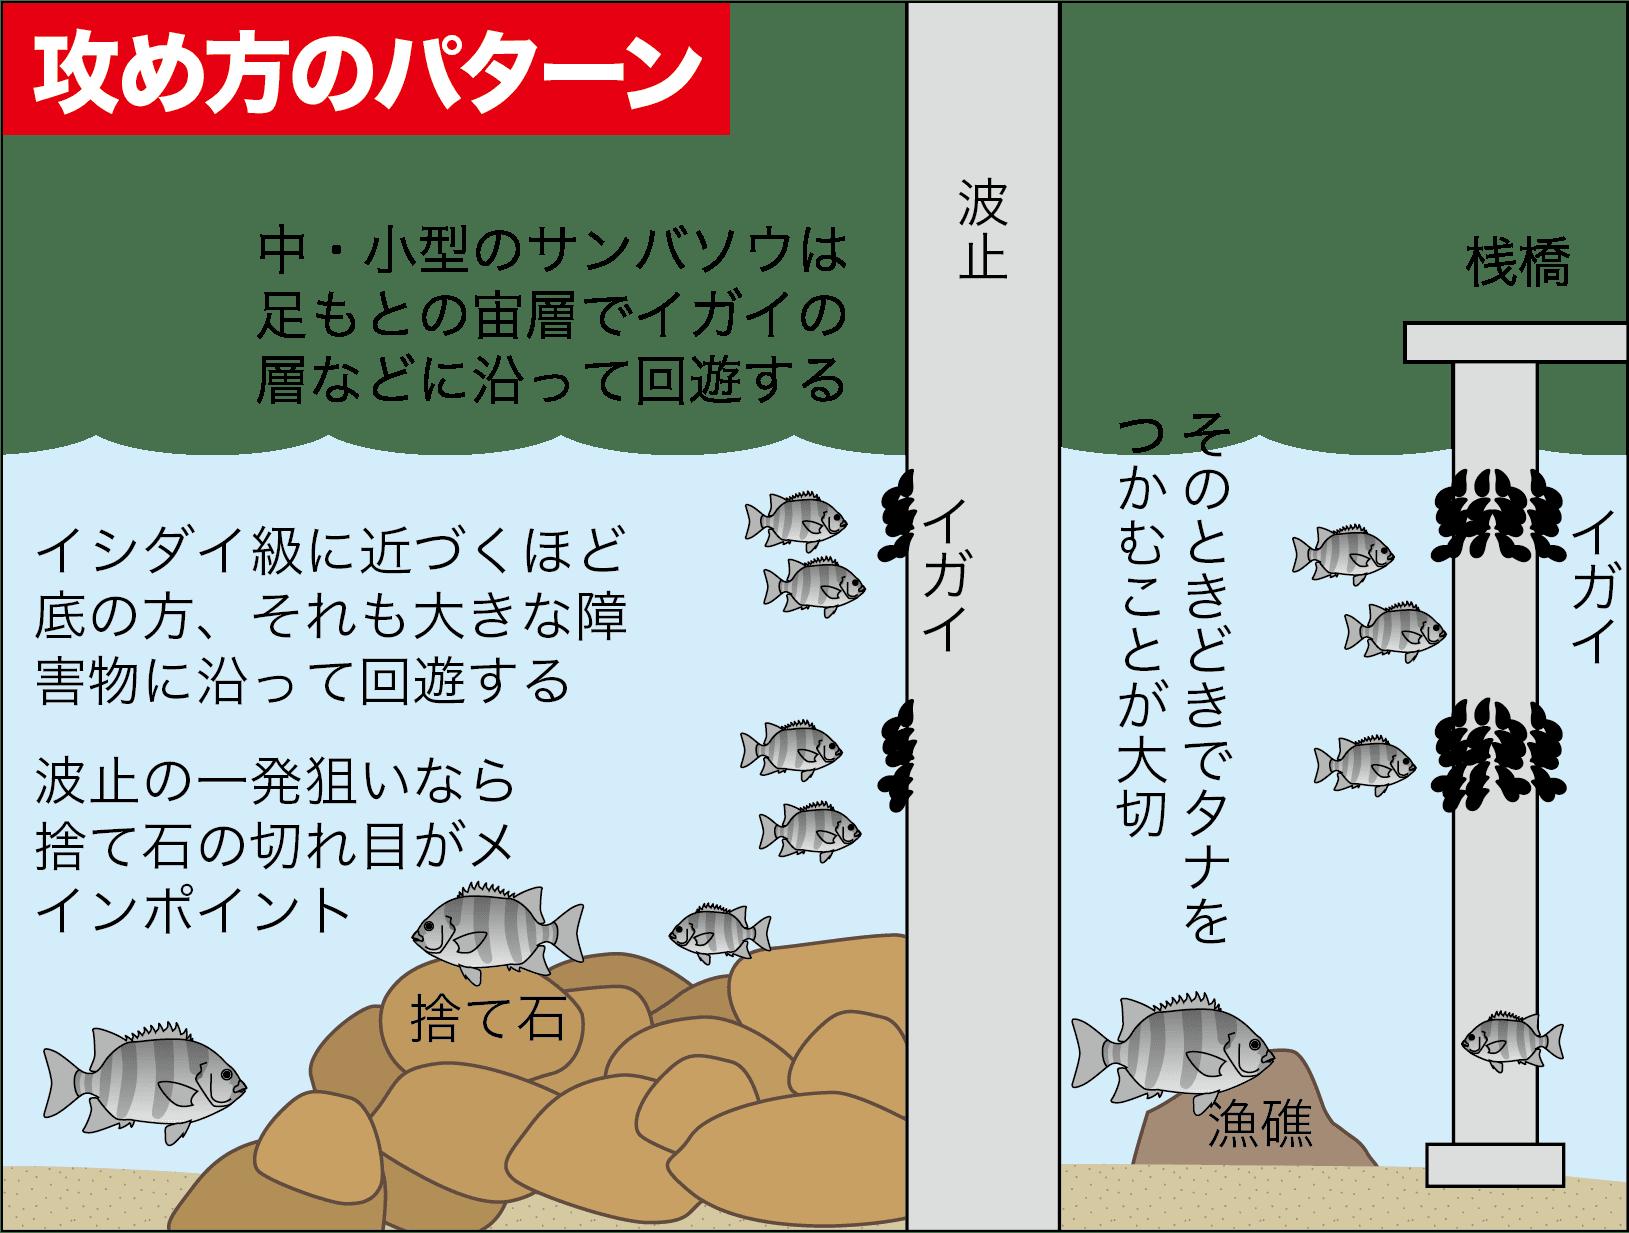 イシダイ(サンバソウ)の釣り方4